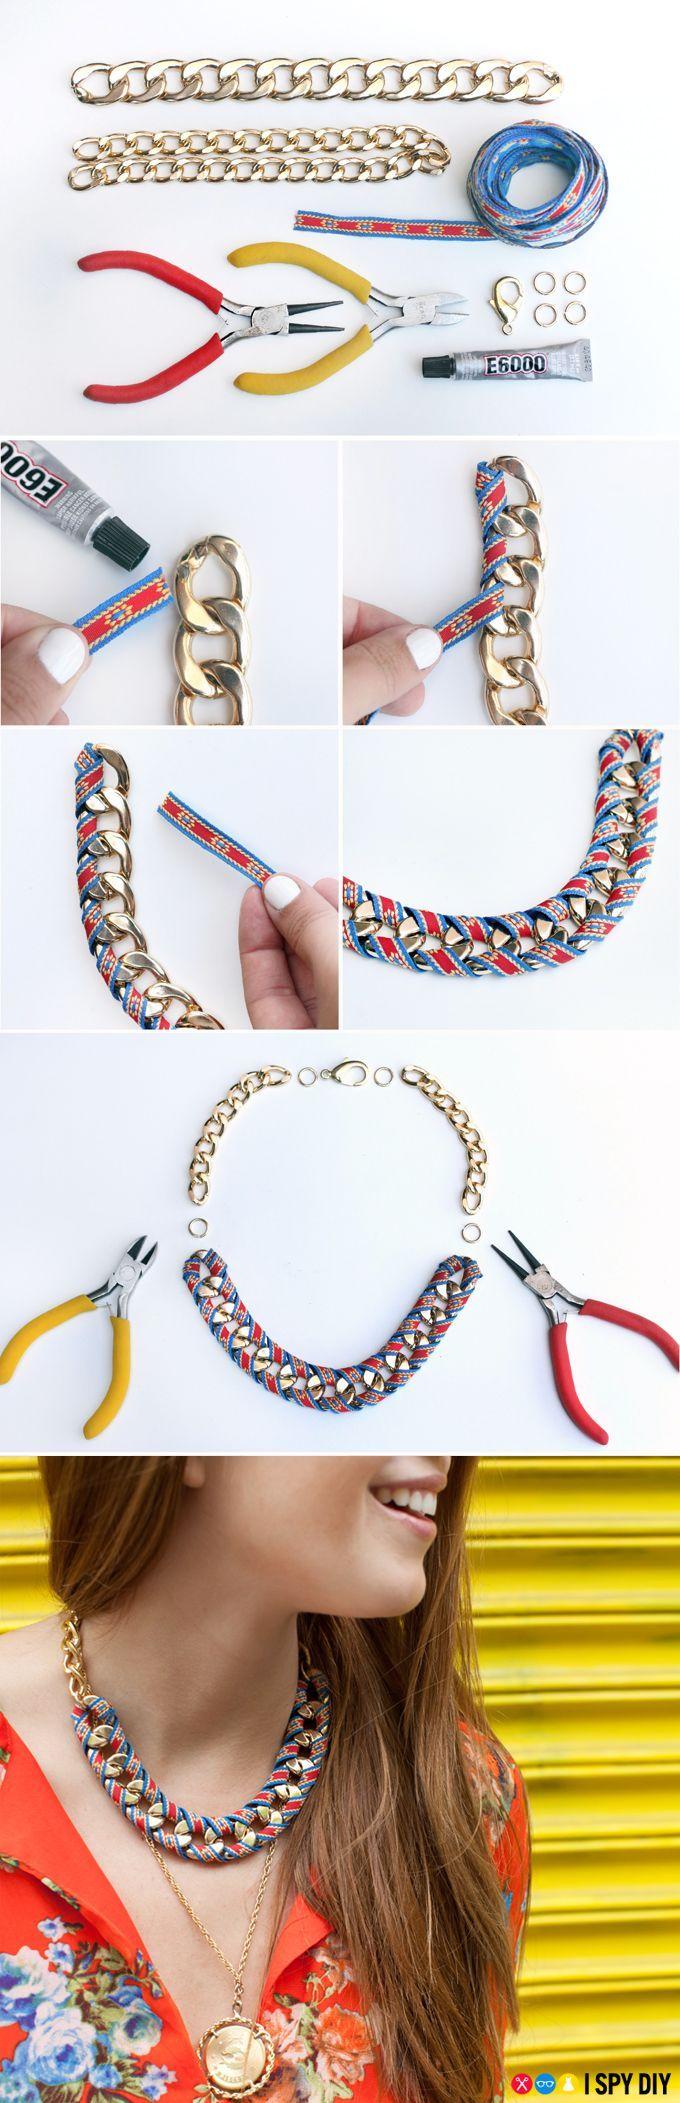 7 tutos rares pour des colliers stylés